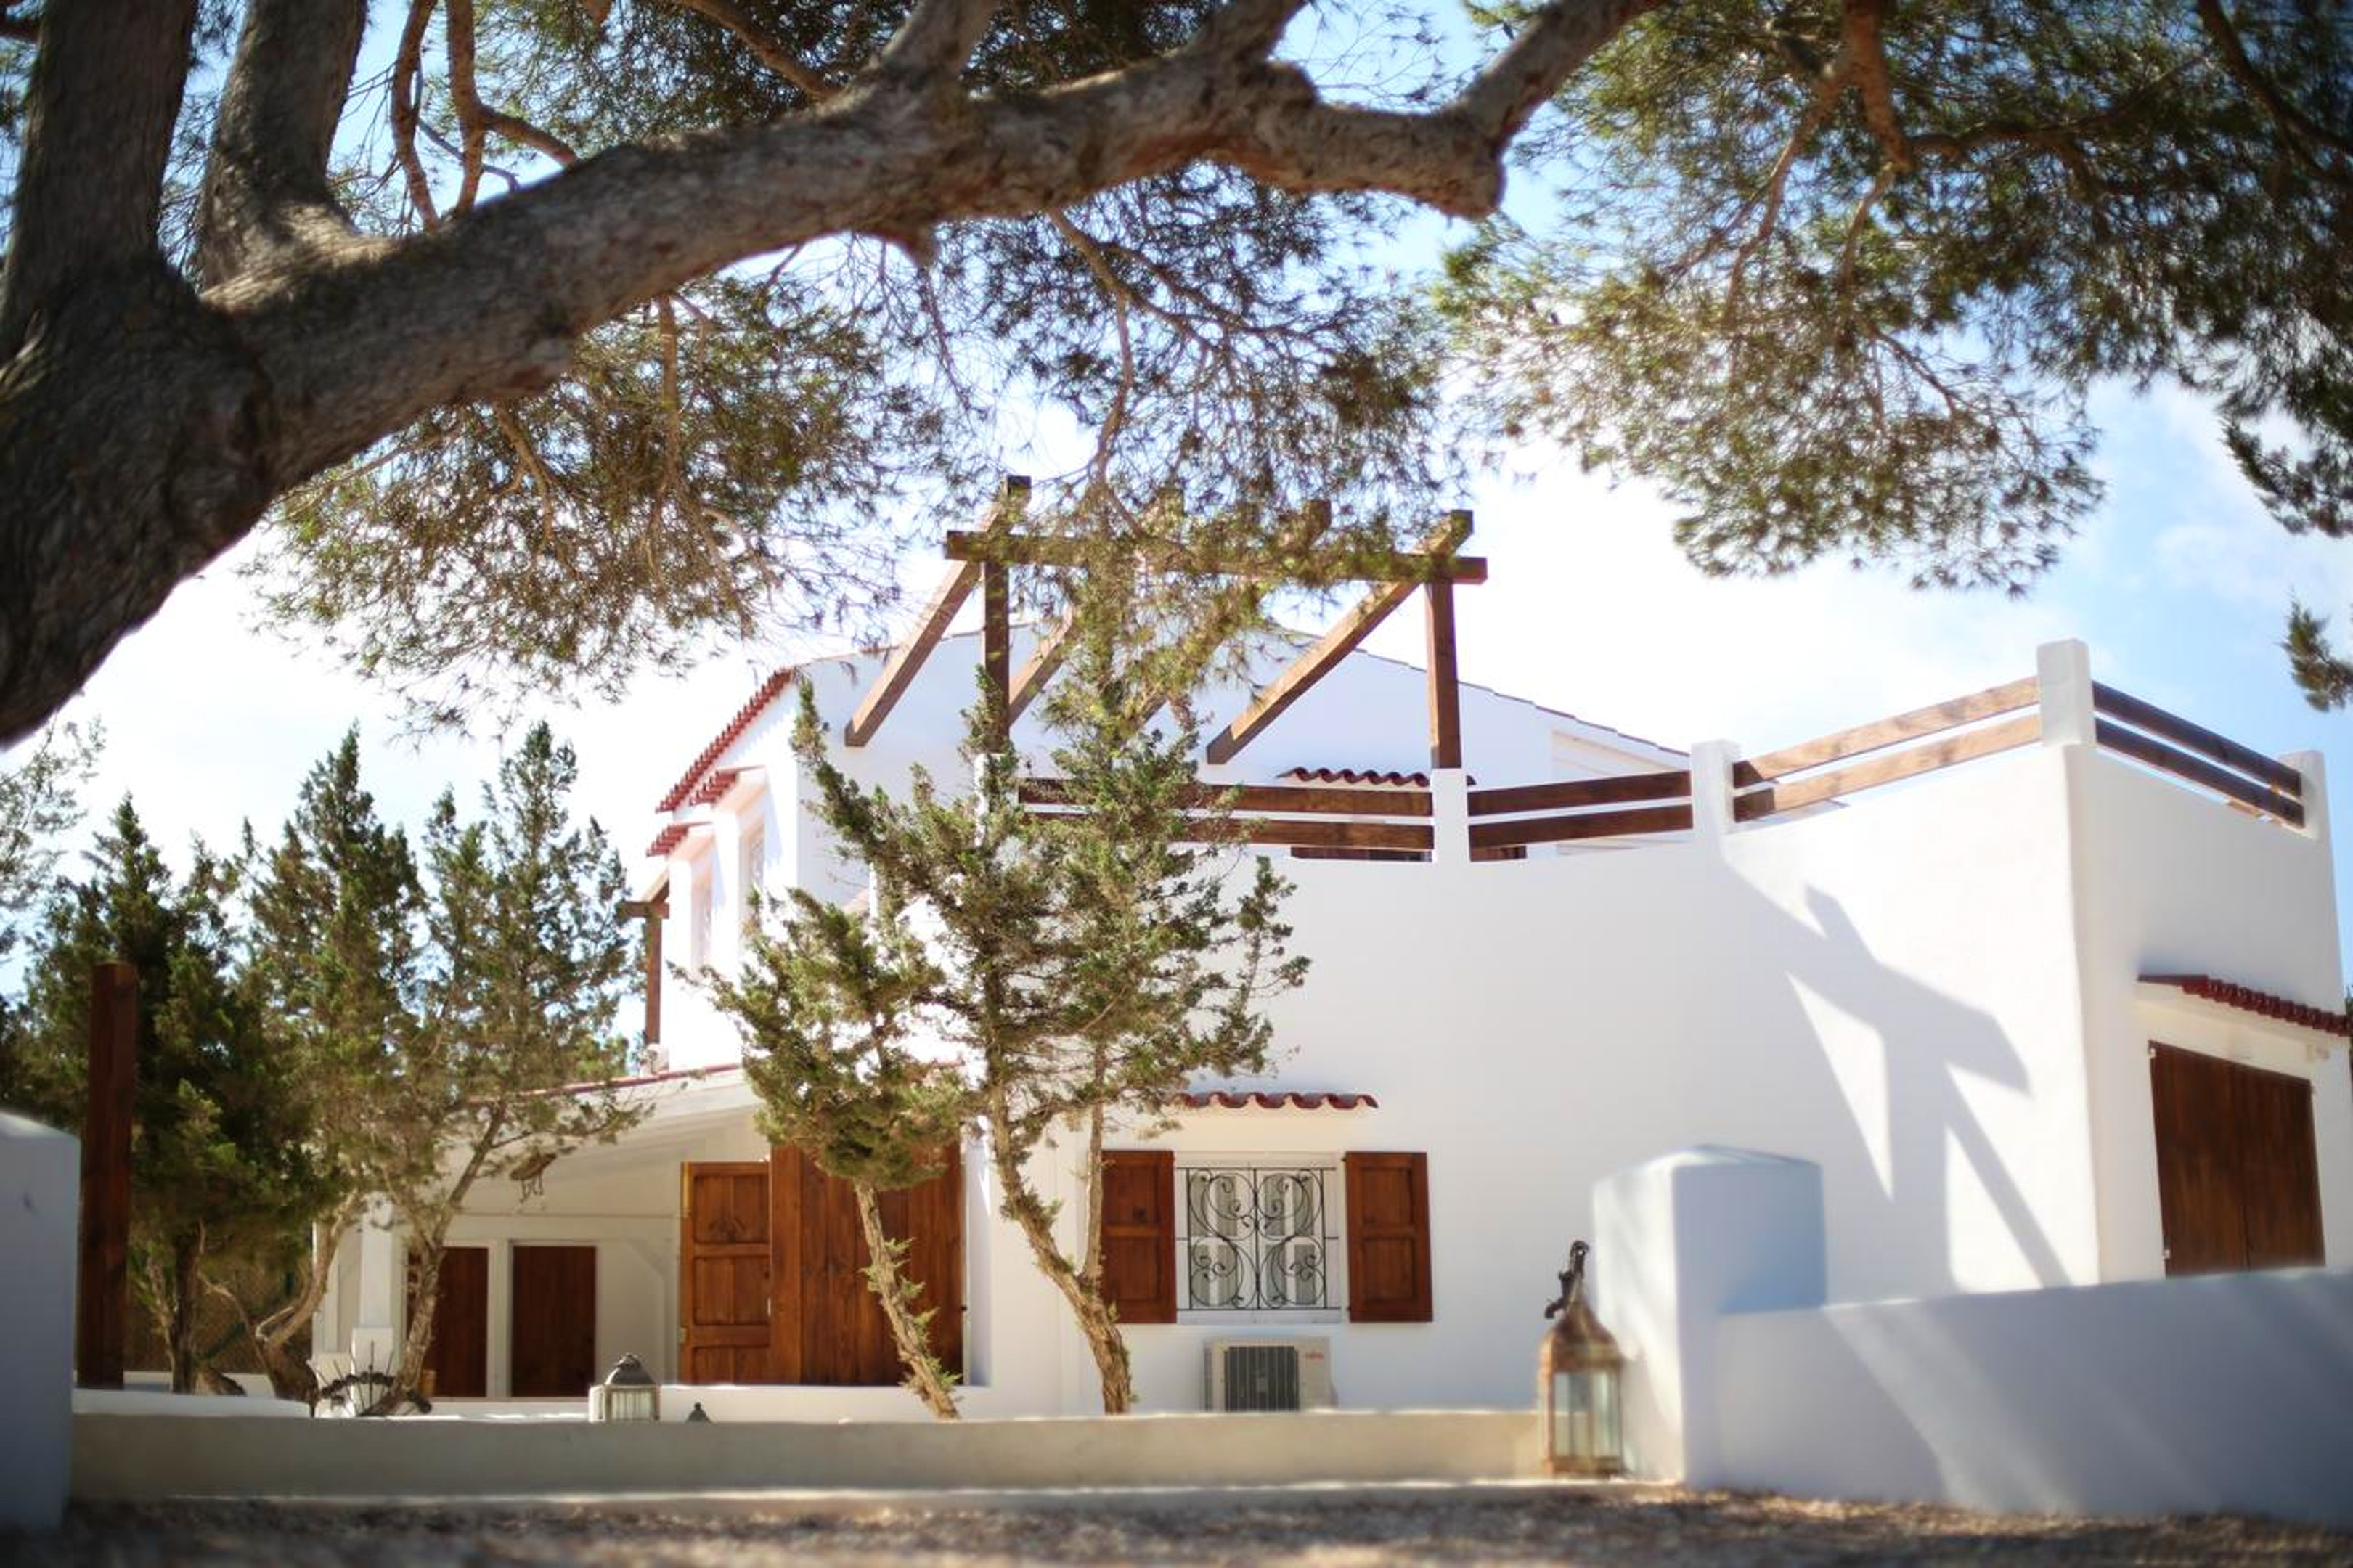 Maison de vacances Haus mit 4 Schlafzimmern in Sant Francesc Xavier mit Terrasse und W-LAN (2700592), San Francisco Javier, Formentera, Iles Baléares, Espagne, image 14